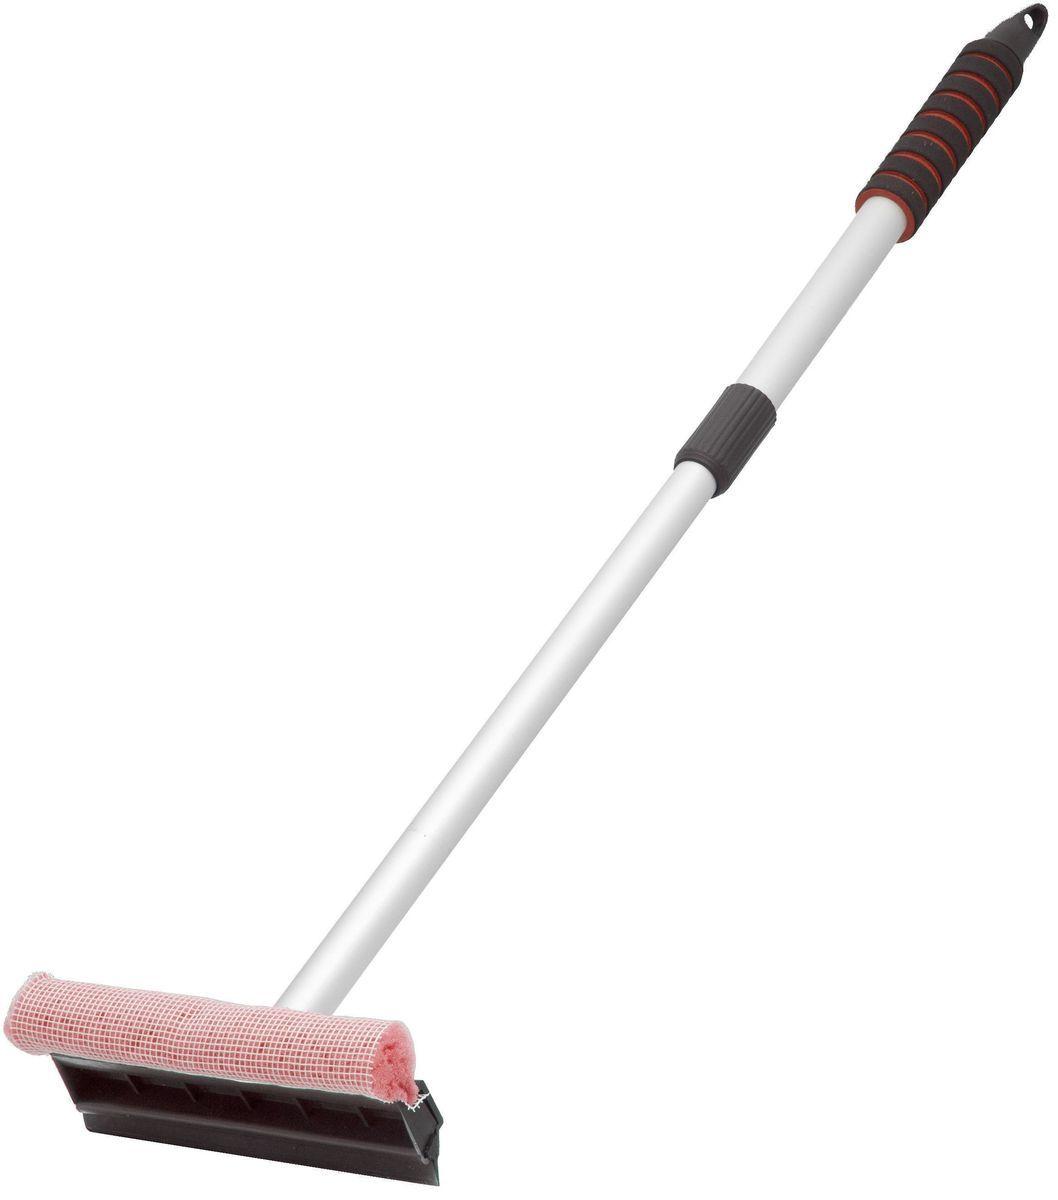 Водосгон Главдор GL-, на телескопической ручке, цвет: красныйGL-Телескопический, алюминиевый водосгон с удобным держателем из пенополиэтилена, длина раздвигающейся ручки55 - 85см. Снабжен резиновым лезвием и поролоновой губкой для эффективной очистки загрязненных поверхностей.